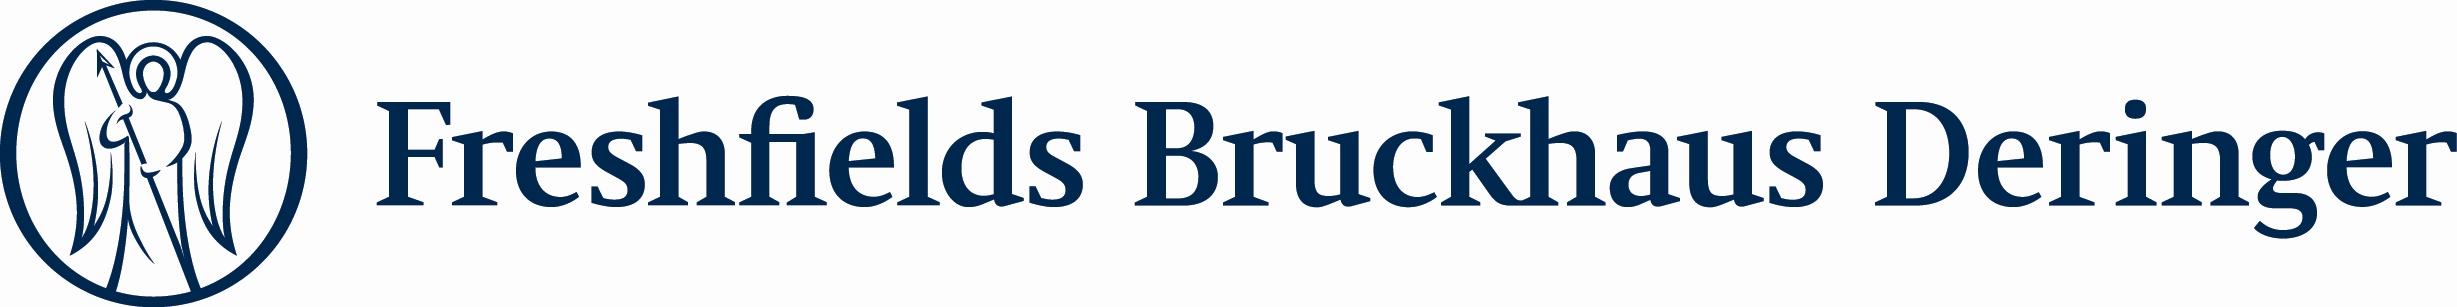 Freshfields Bruckhaus Deringer